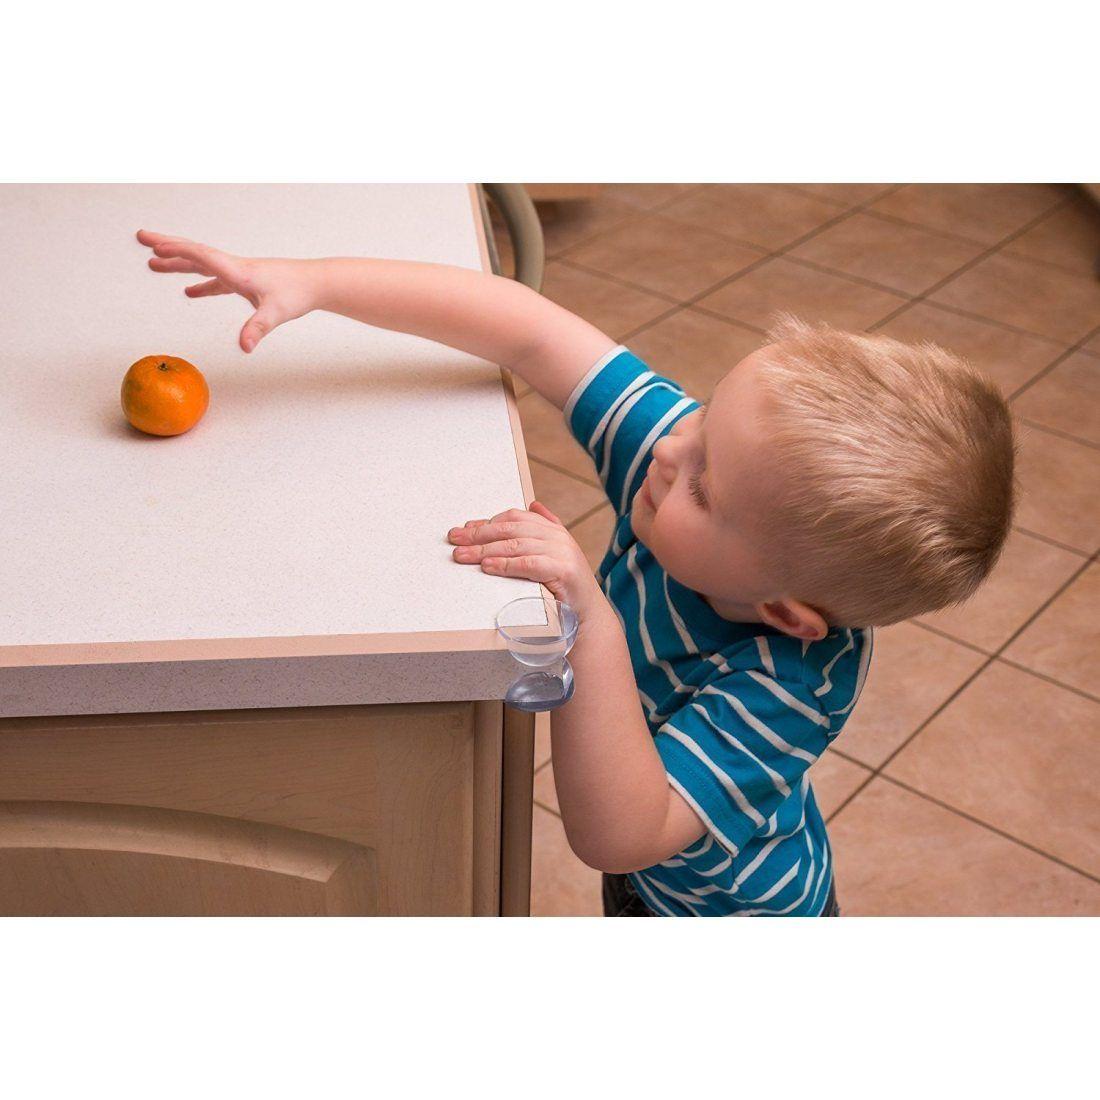 BALFER Protecteurs D'angles ( 20pcs - Large - Clair ) Protege Coin de Table - Anti-Crash Protecteurs pour Enfants, avec 20pcs